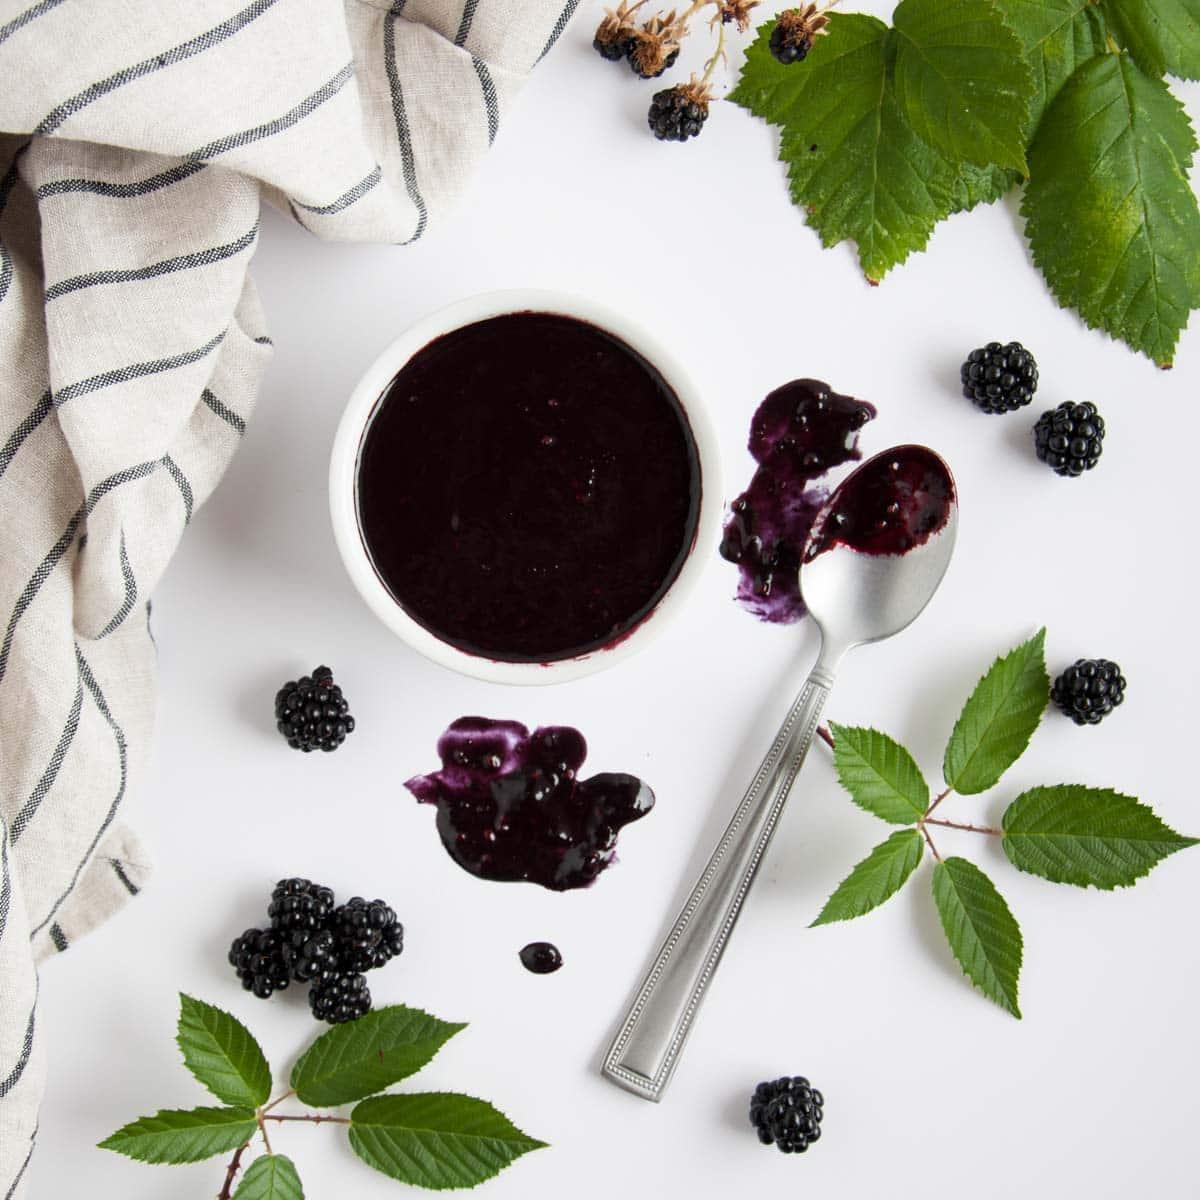 Balsamic Blackberry Vinaigrette